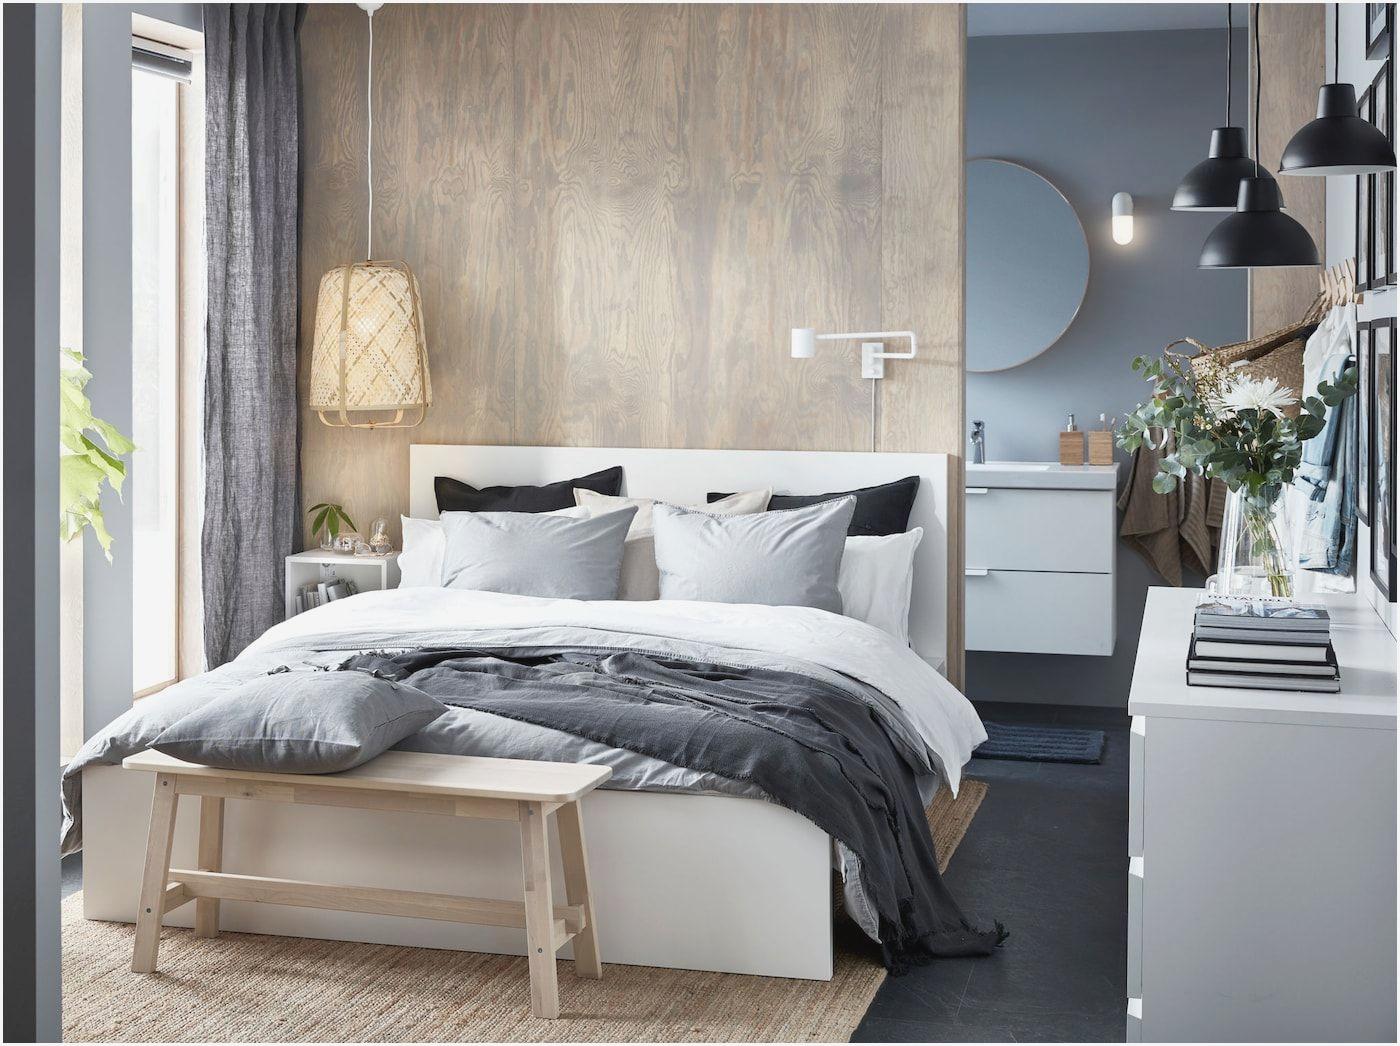 Full Size of Inspiration Schlafzimmer Deko Ikea Traumhaus Landhaus Led Deckenleuchte Deckenlampe Deckenleuchten Set Mit Matratze Und Lattenrost Rauch Vorhänge Kommoden Wohnzimmer Schlafzimmer Deko